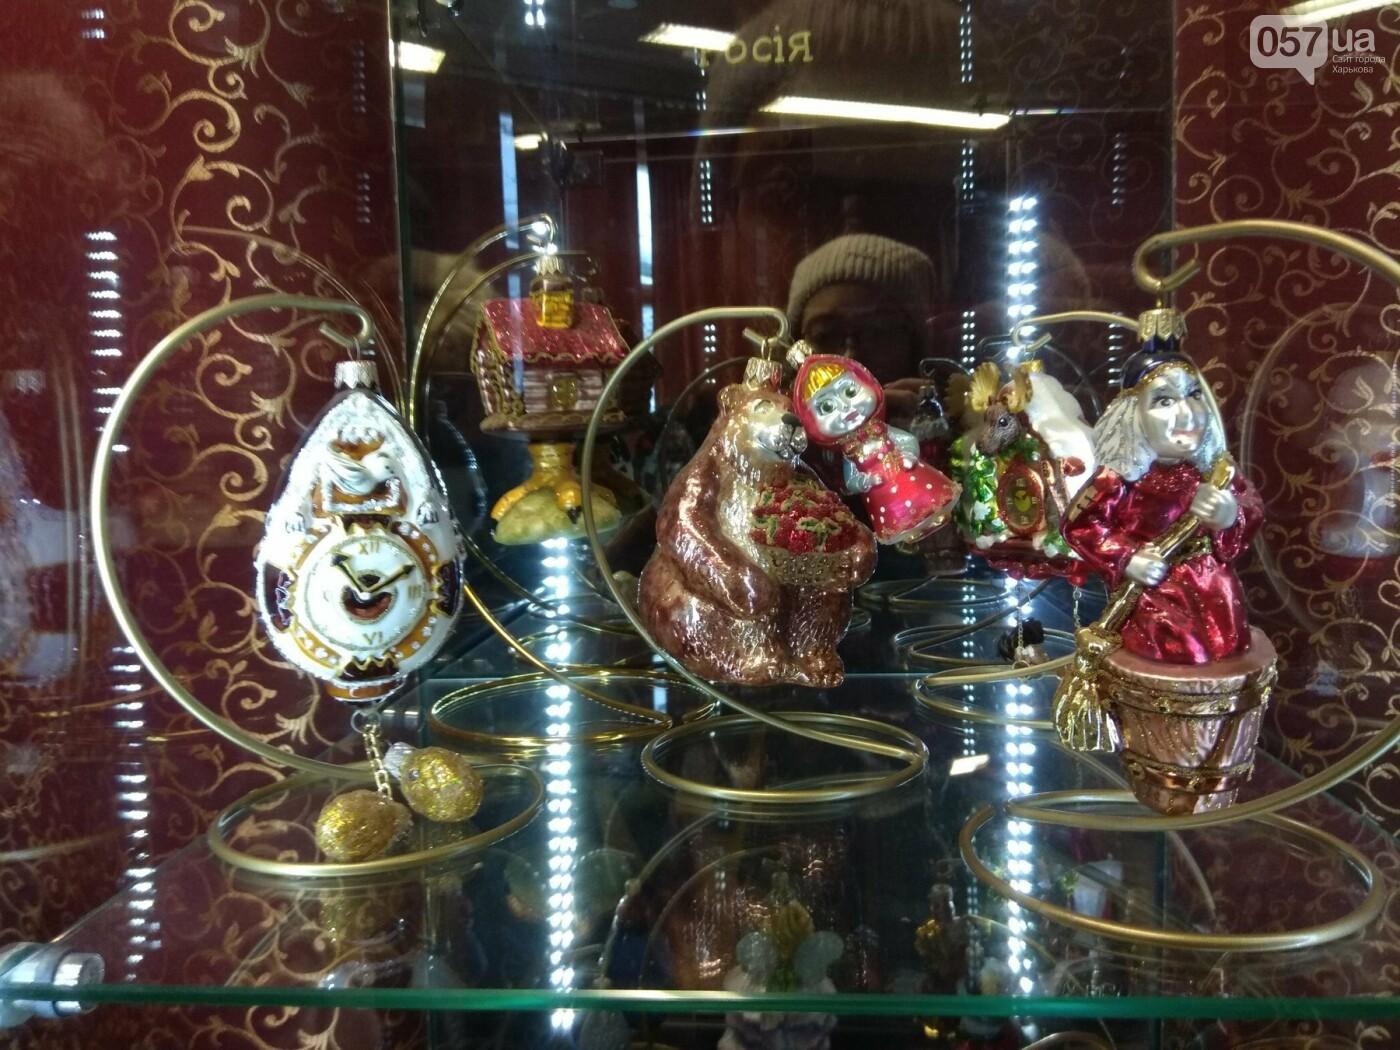 Фабрика елочных игрушек под Киевом. Куда харьковчане могут поехать на выходных, - ФОТО, фото-26